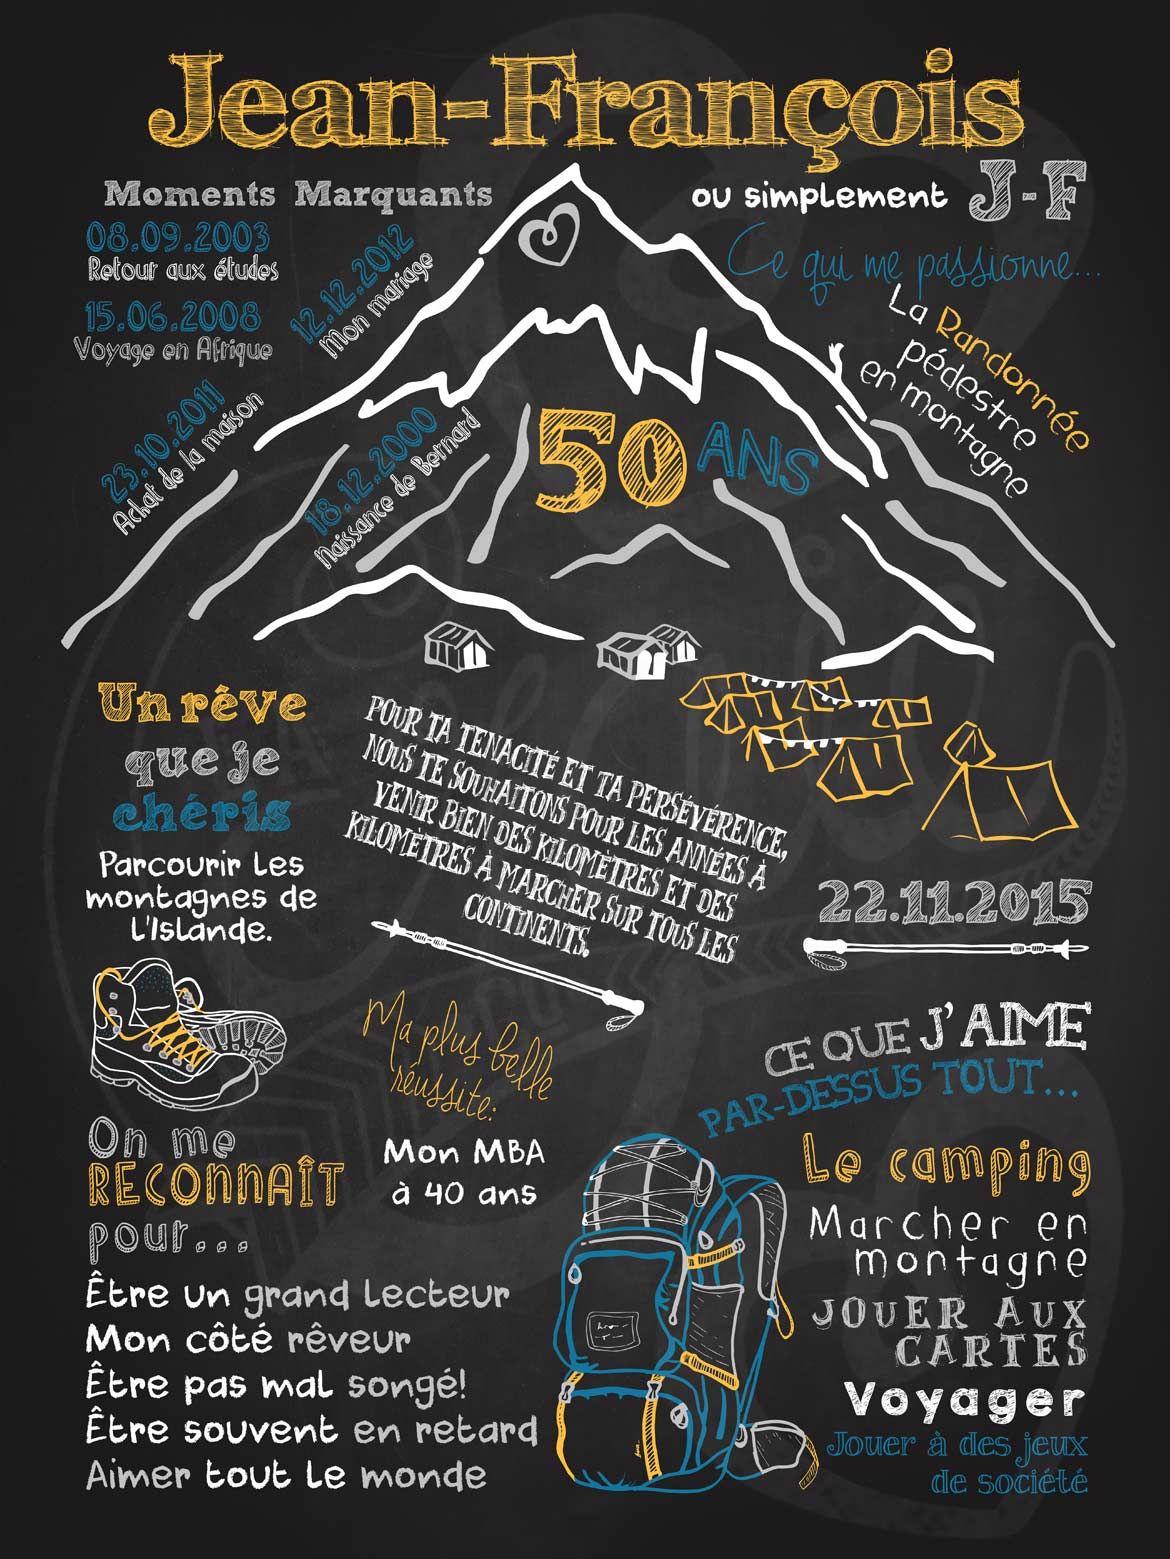 Connu Affiche personnalisée anniversaire Bord de mer • La Craie co  SA43